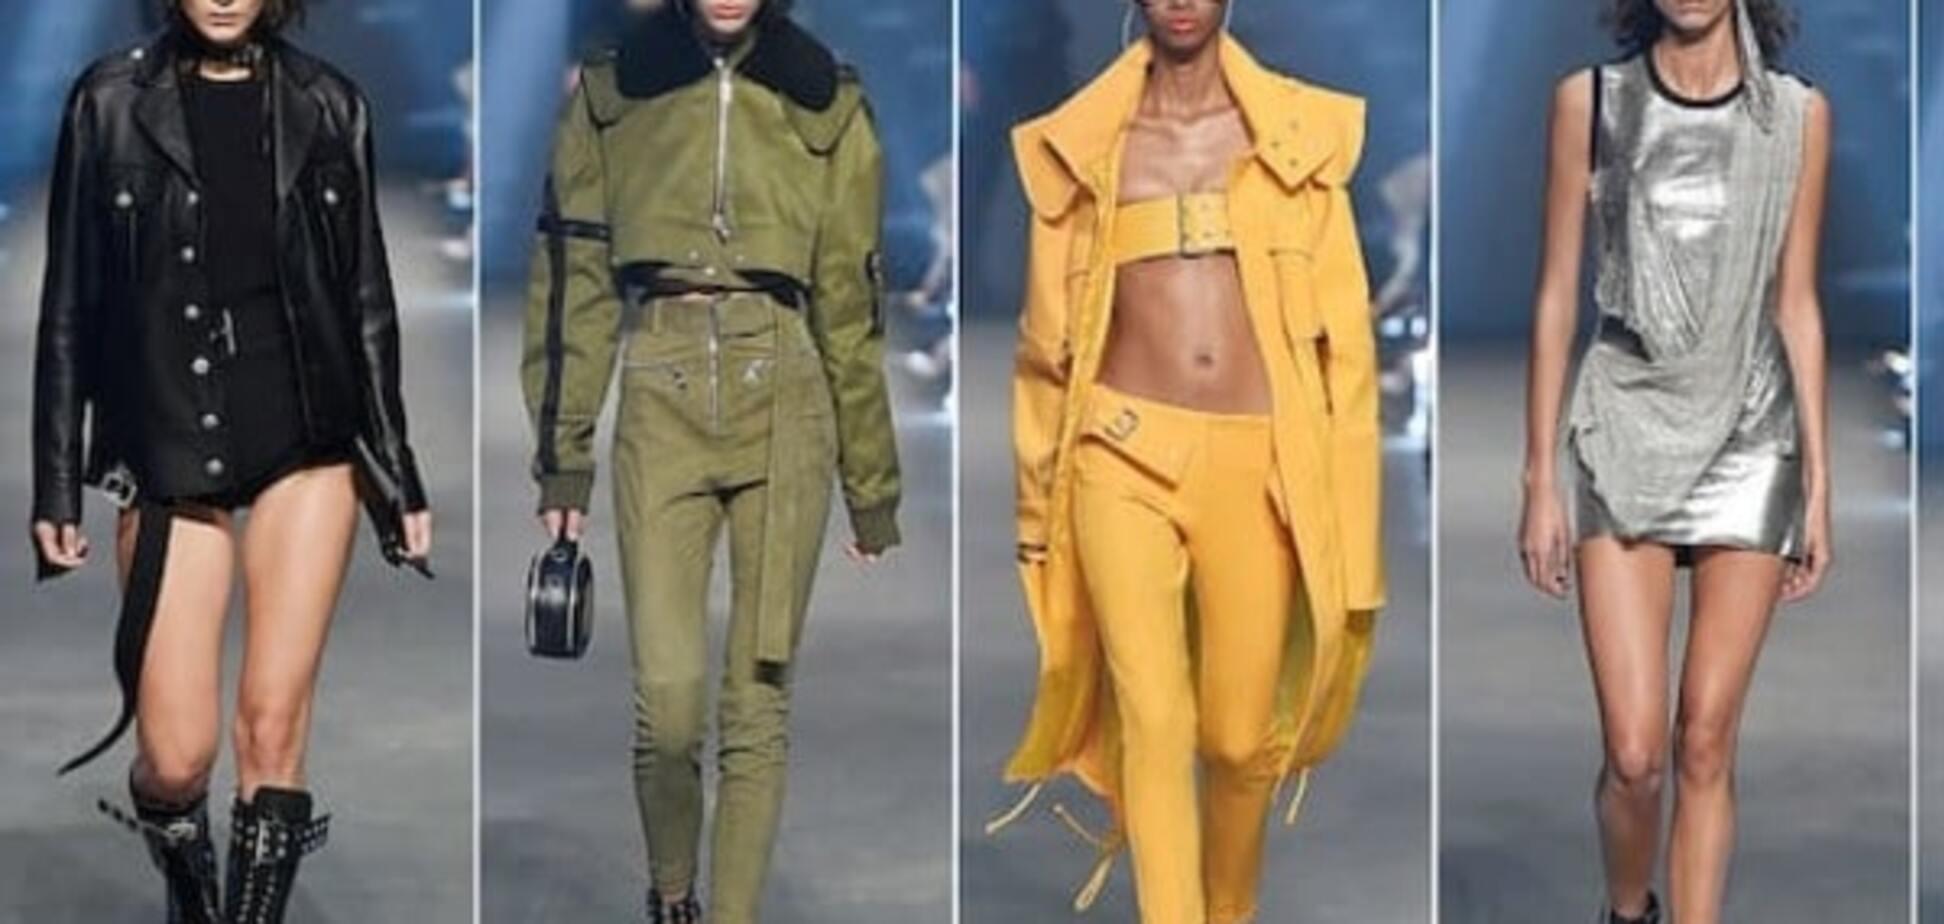 Белла Хадид в мини-шортах и косухе блистала на показе Versus Versace в Лондоне